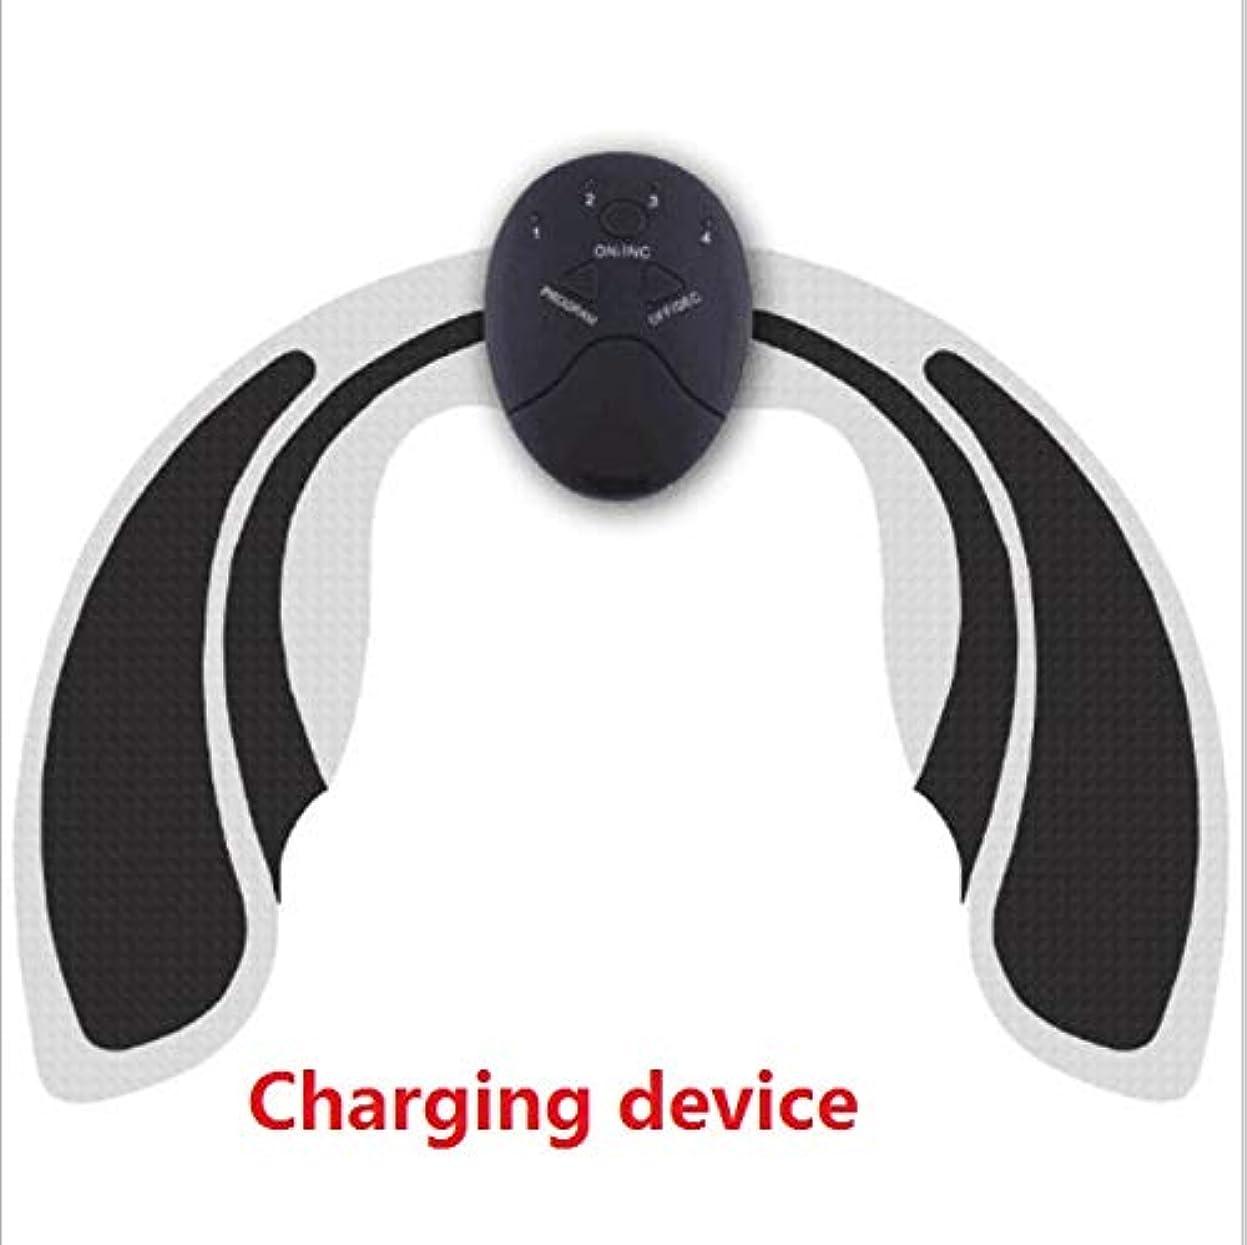 ポジティブ消化器主KTYX ユニセックスヒップデバイスFengqi美容ウエストシェイピングボディインストゥルメンツEMSインテリジェントマッサージ機器 マッサージャー (色 : Charging type)